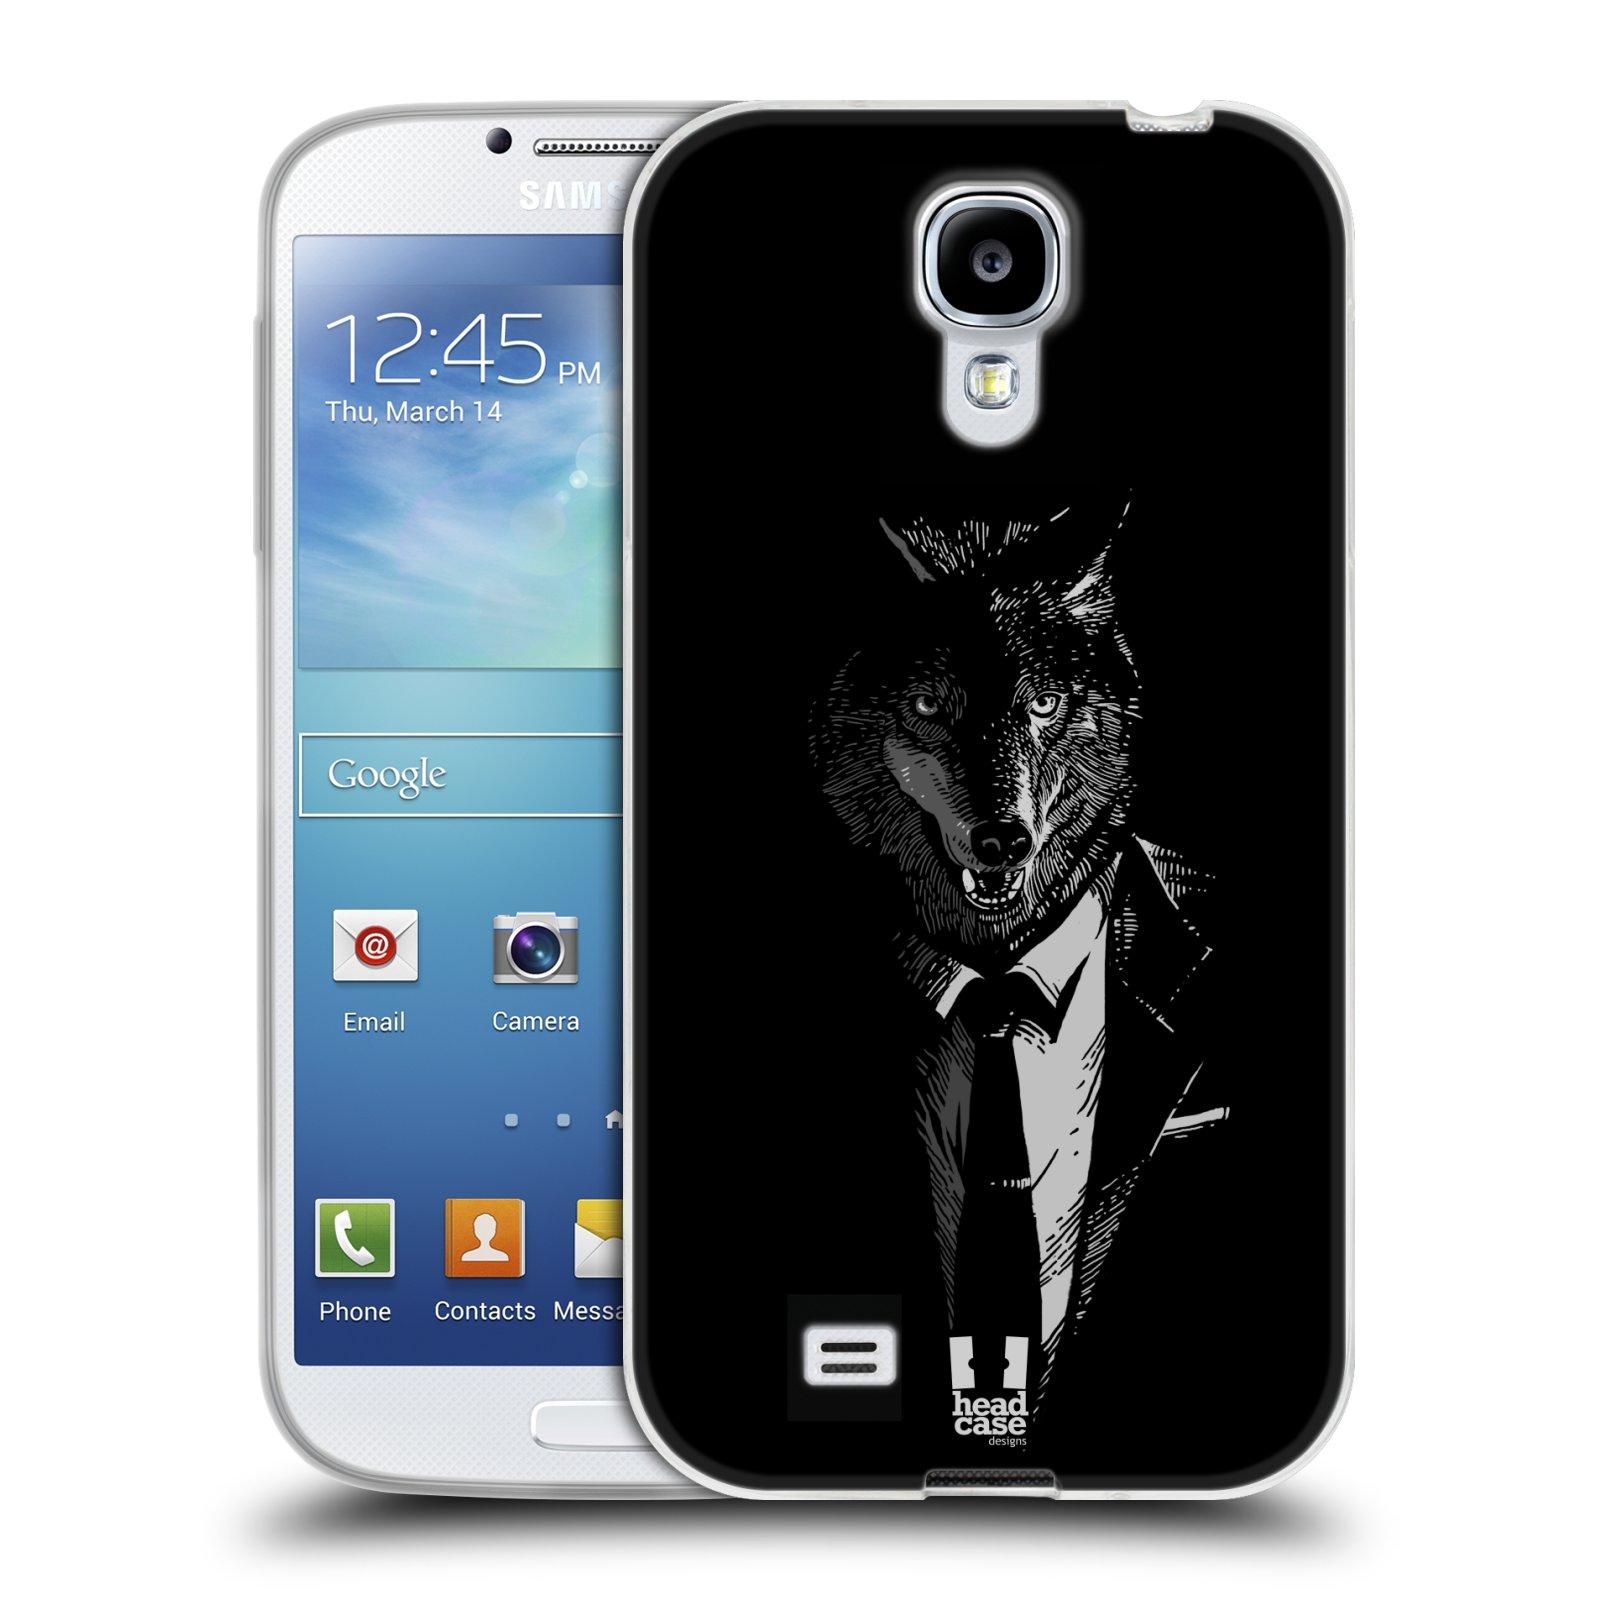 Silikonové pouzdro na mobil Samsung Galaxy S4 HEAD CASE VLK V KVÁDRU (Silikonový kryt či obal na mobilní telefon Samsung Galaxy S4 GT-i9505 / i9500)